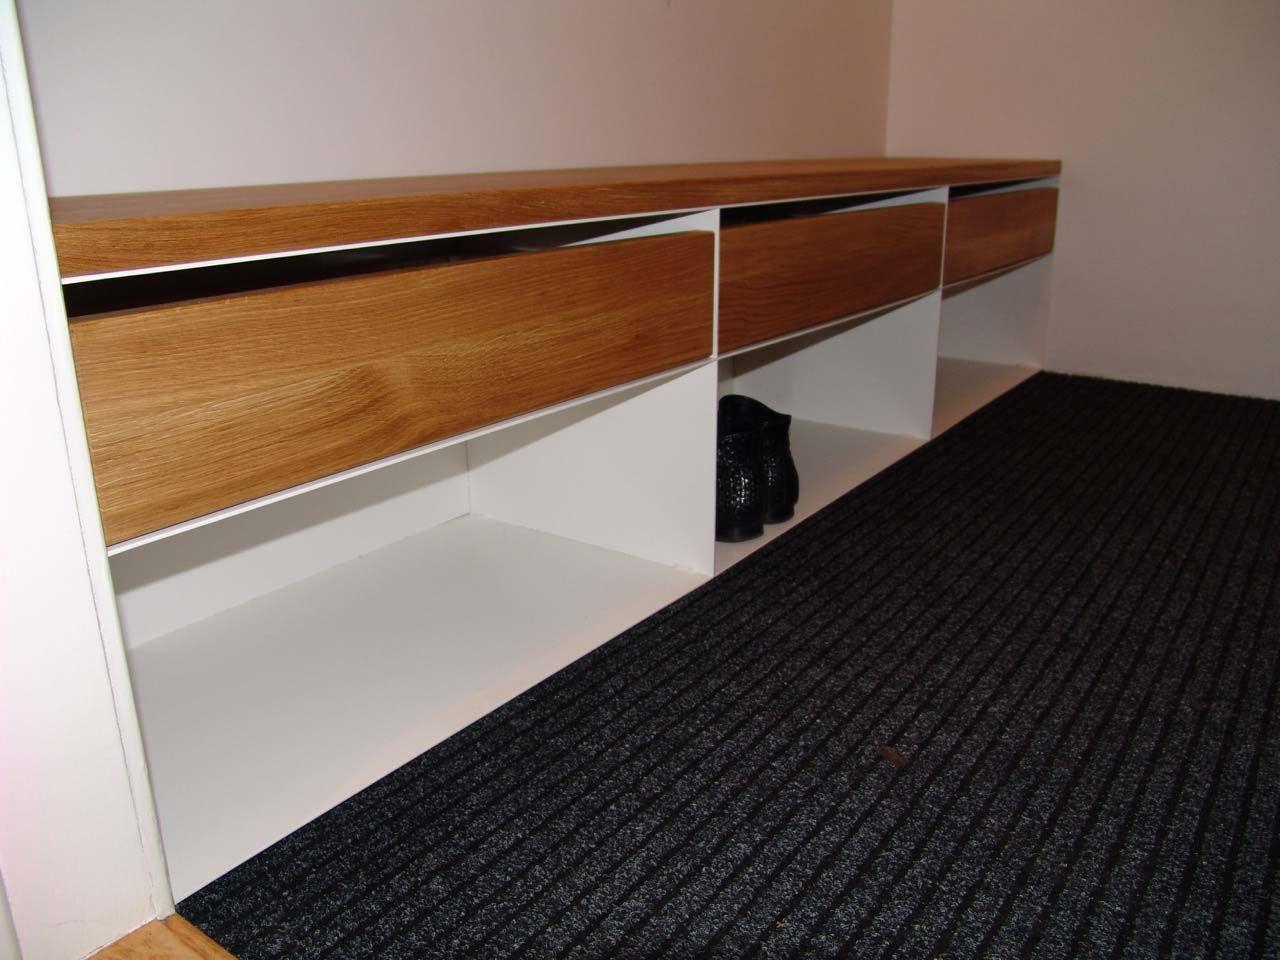 Design Metallmoebel Schuh Sideboard Kaminholz Aufbewahrung Aus Stahl Holz  Eiche Stahlzart